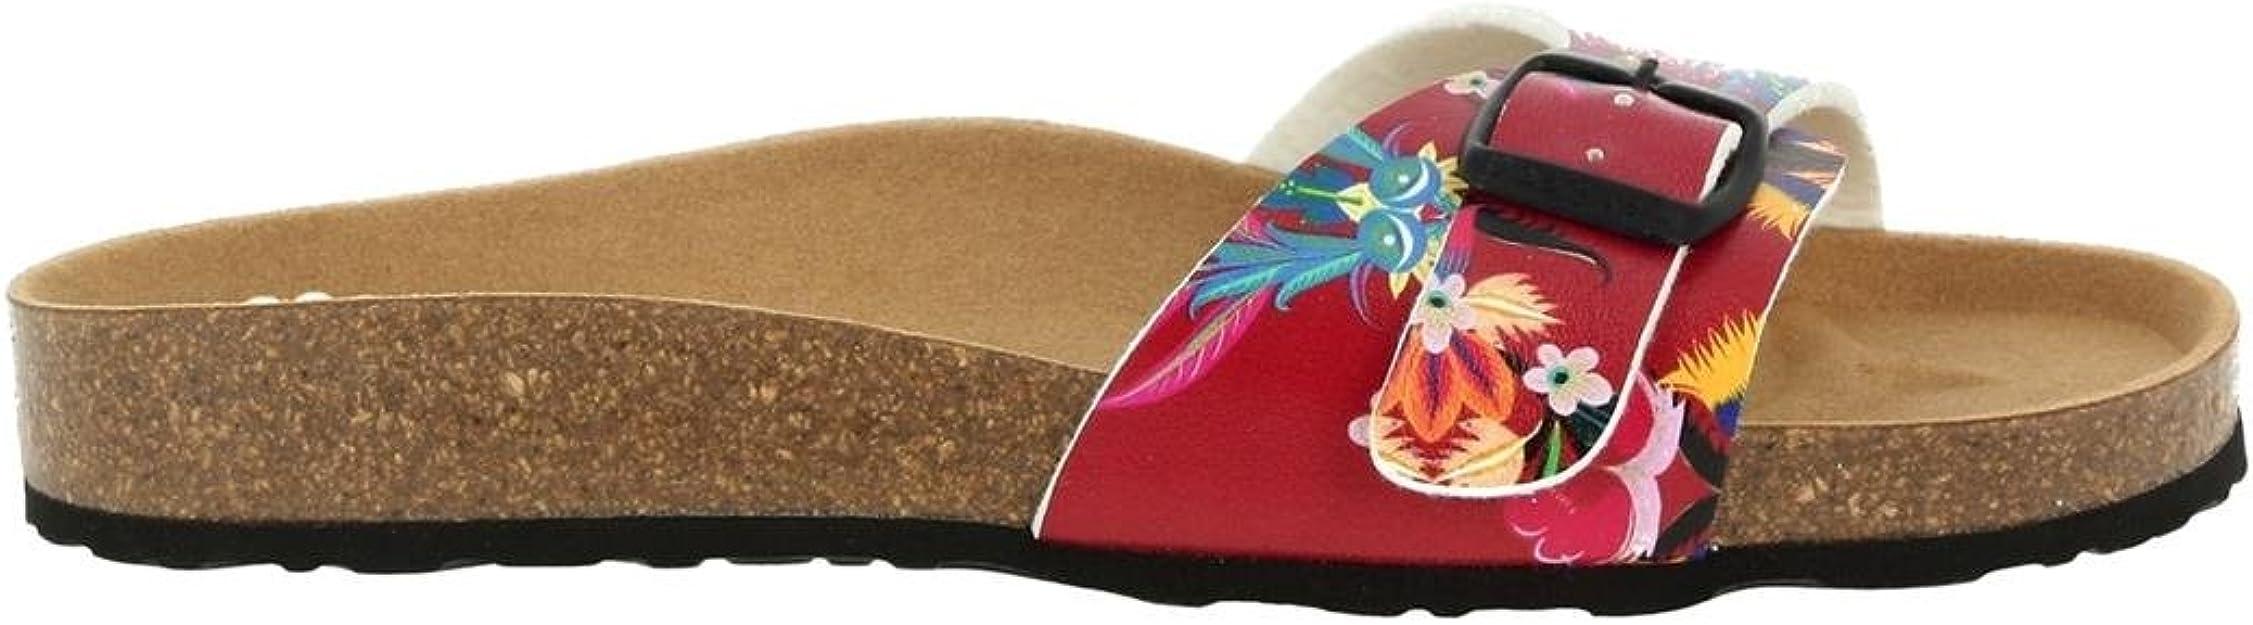 Desigual Shoes/_Bio Liana Femme 18sshp36